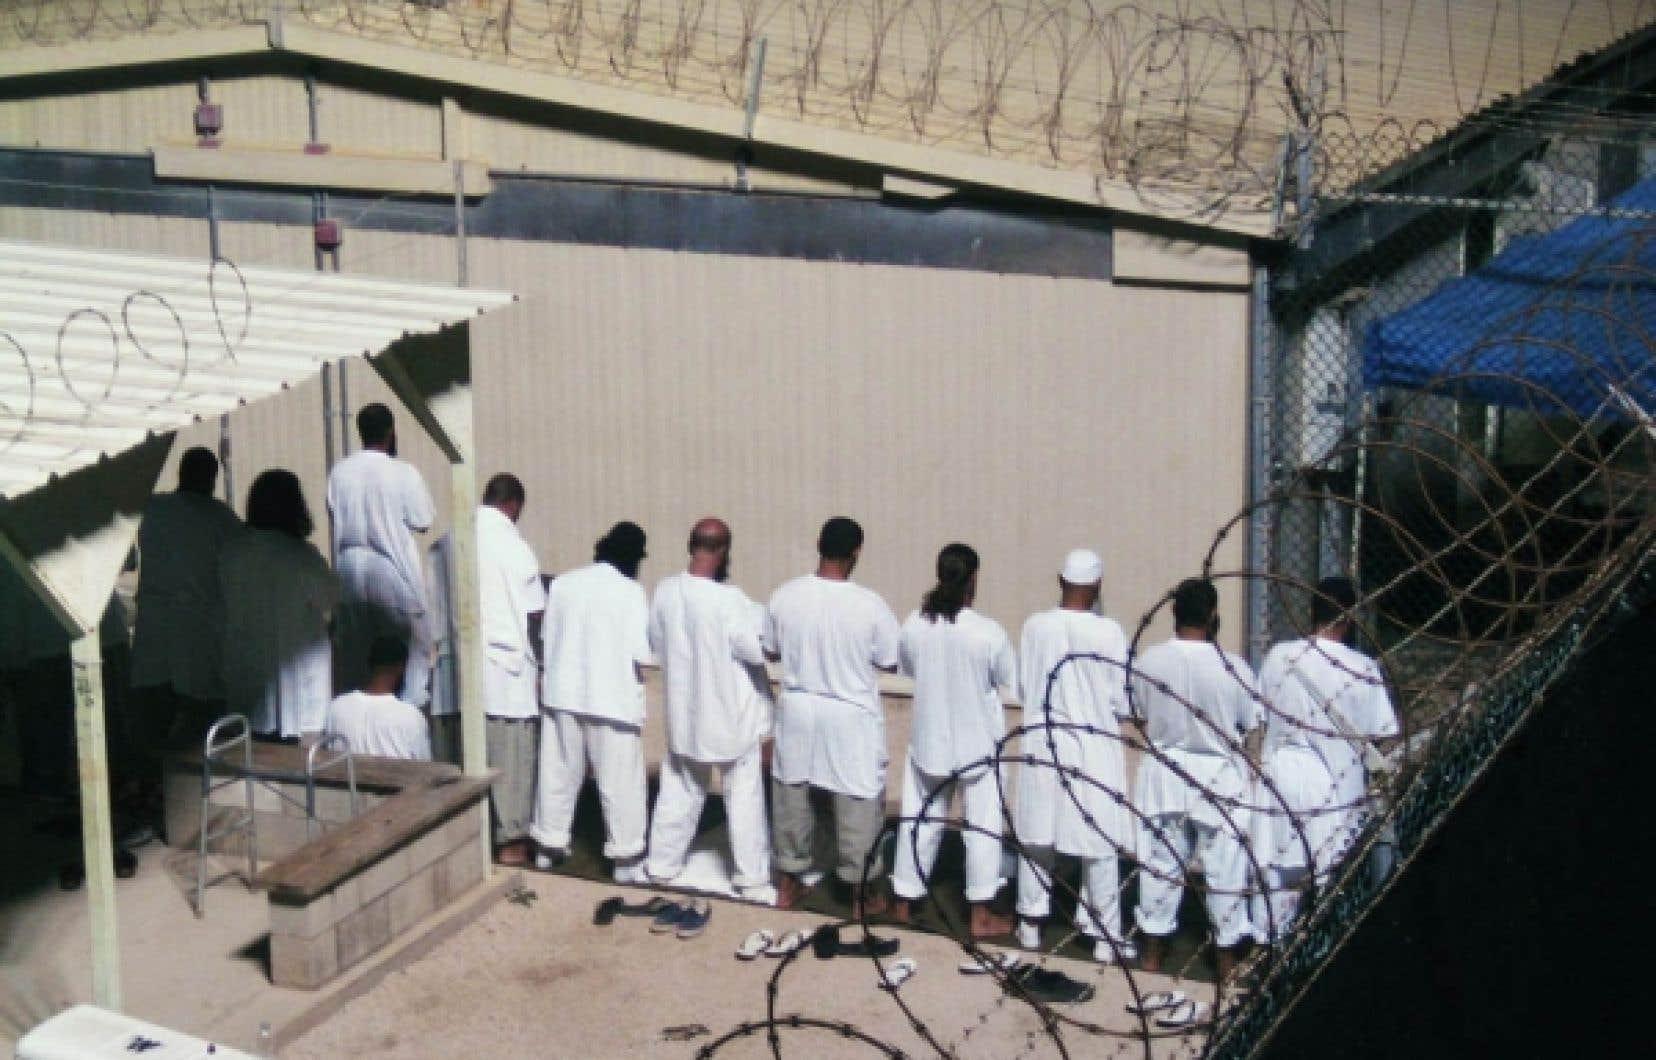 L'heure de la prière matinale au camp américain de Guantánamo, sur l'île de Cuba